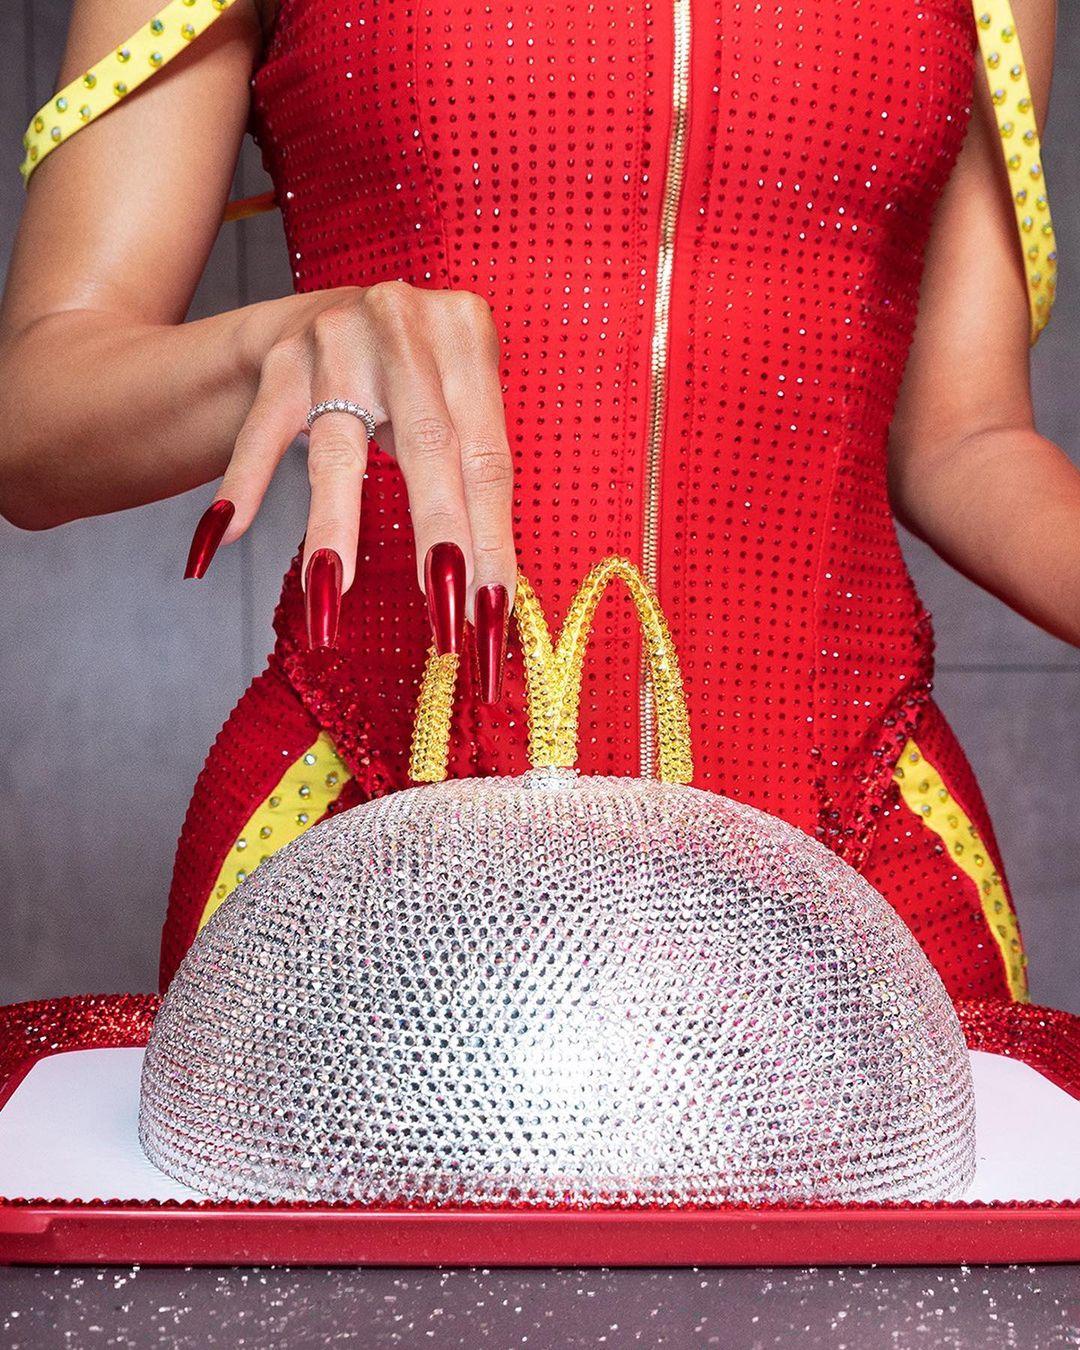 Saweetie, McDonald's, Celestine Agency, Wilford Lenov